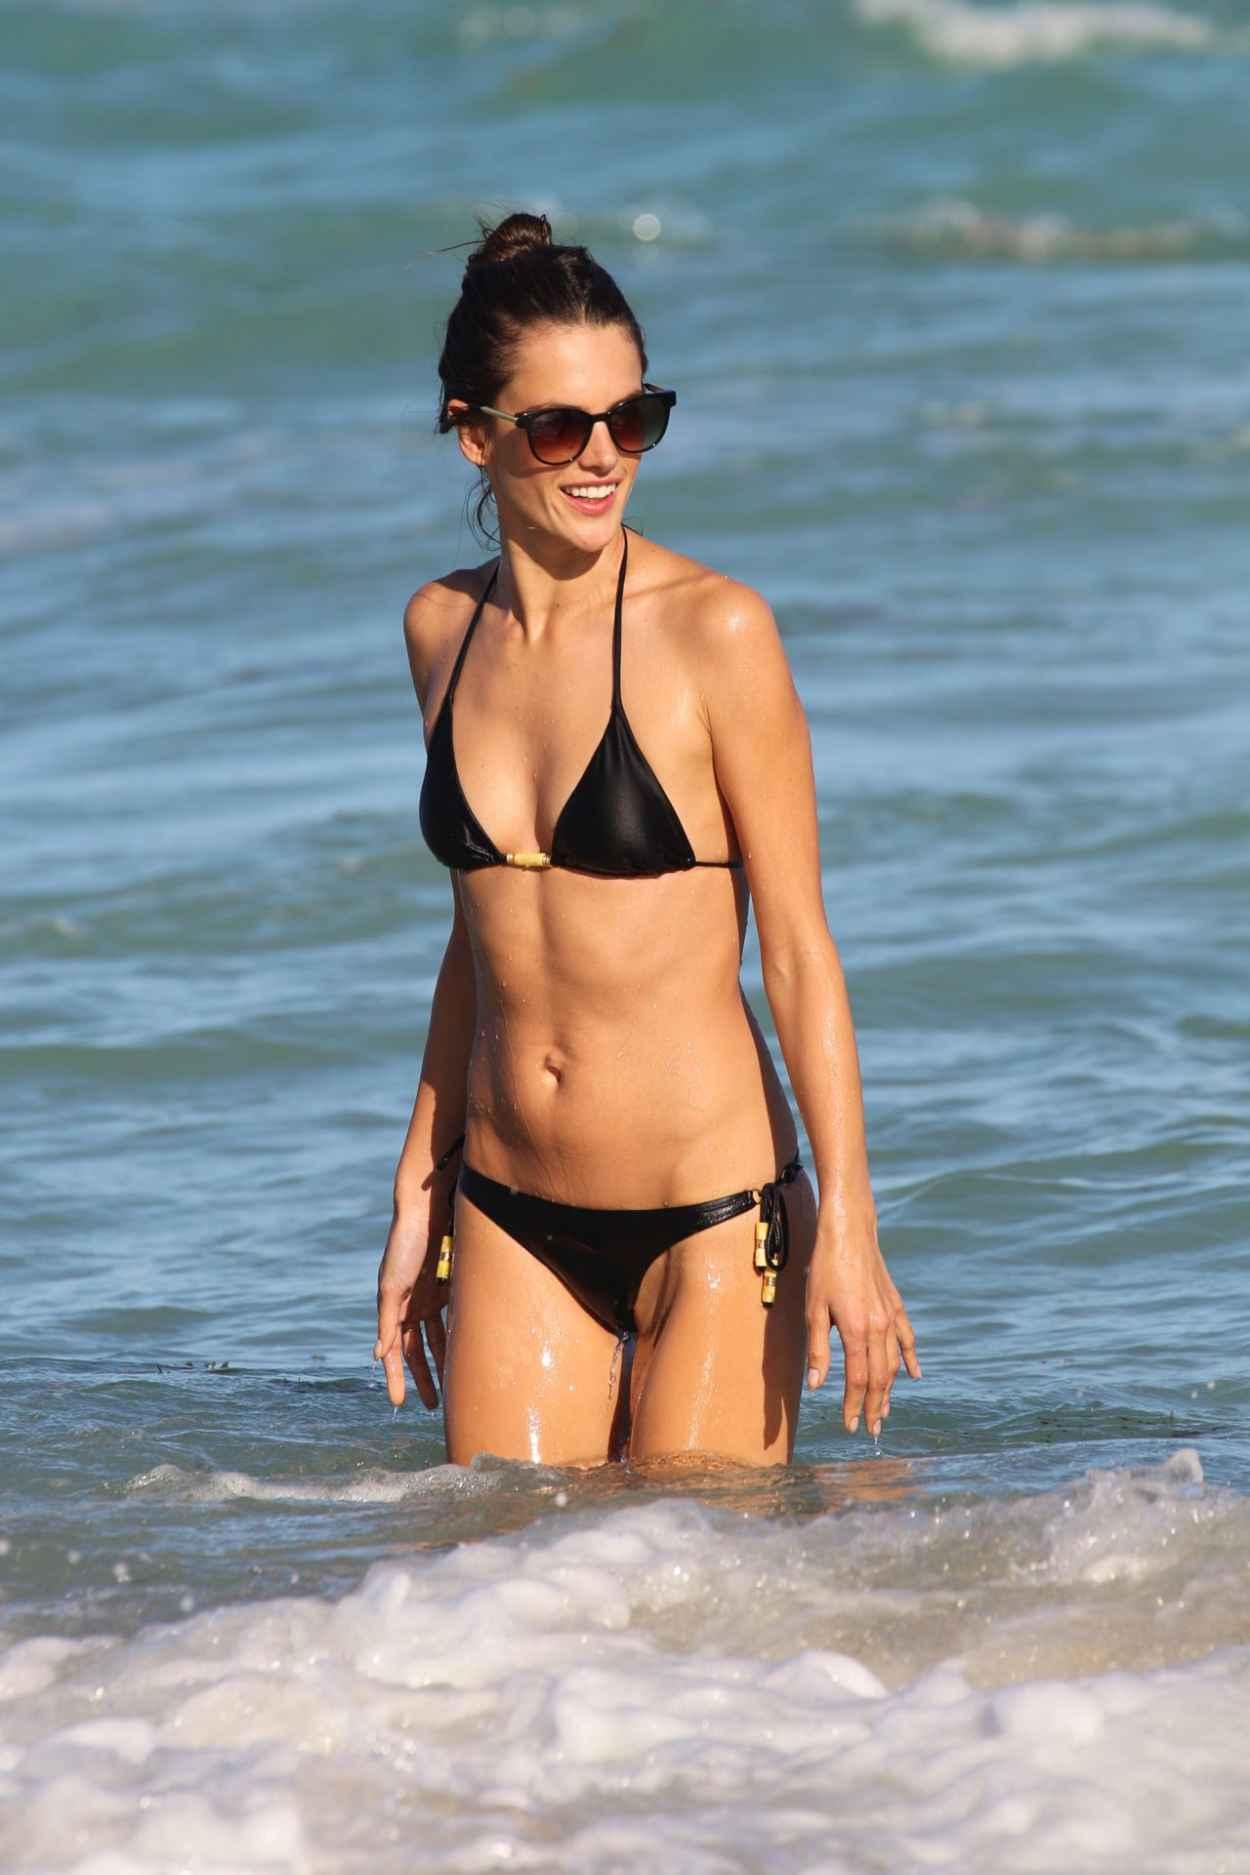 Alessandra Ambrosio in a Bikini at the Beach in Miami - December 2015-1